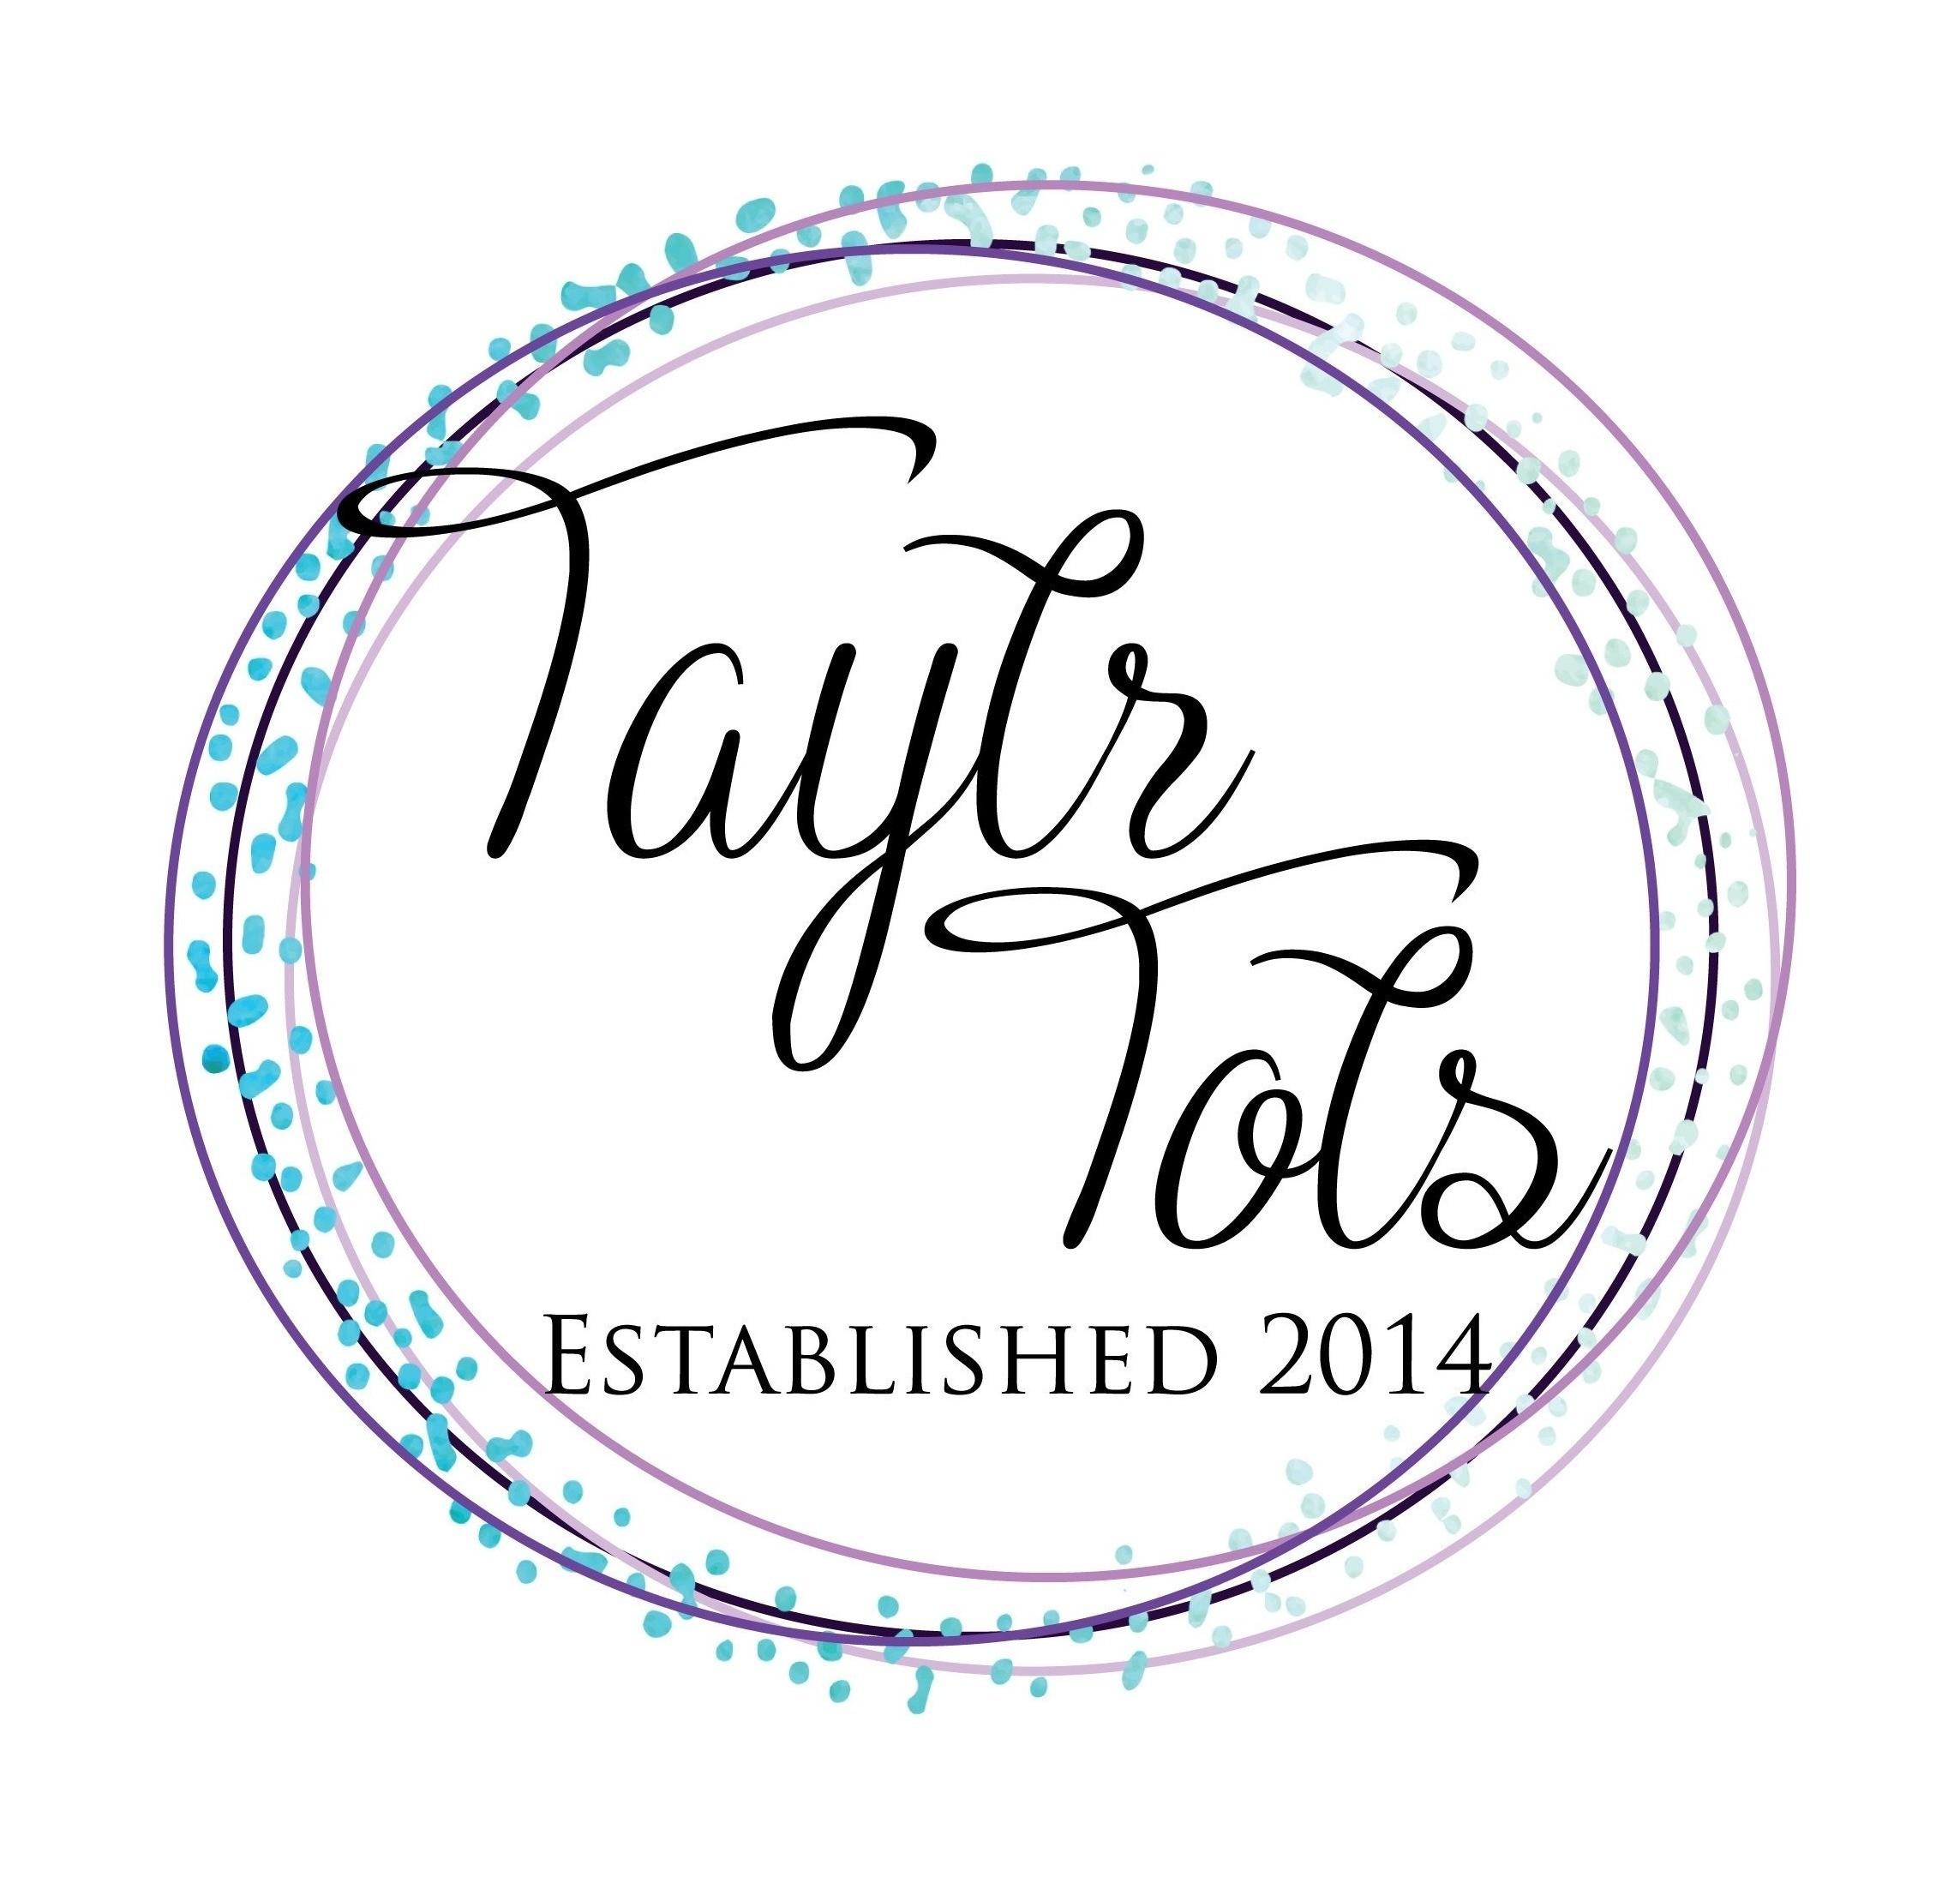 TaytrTots